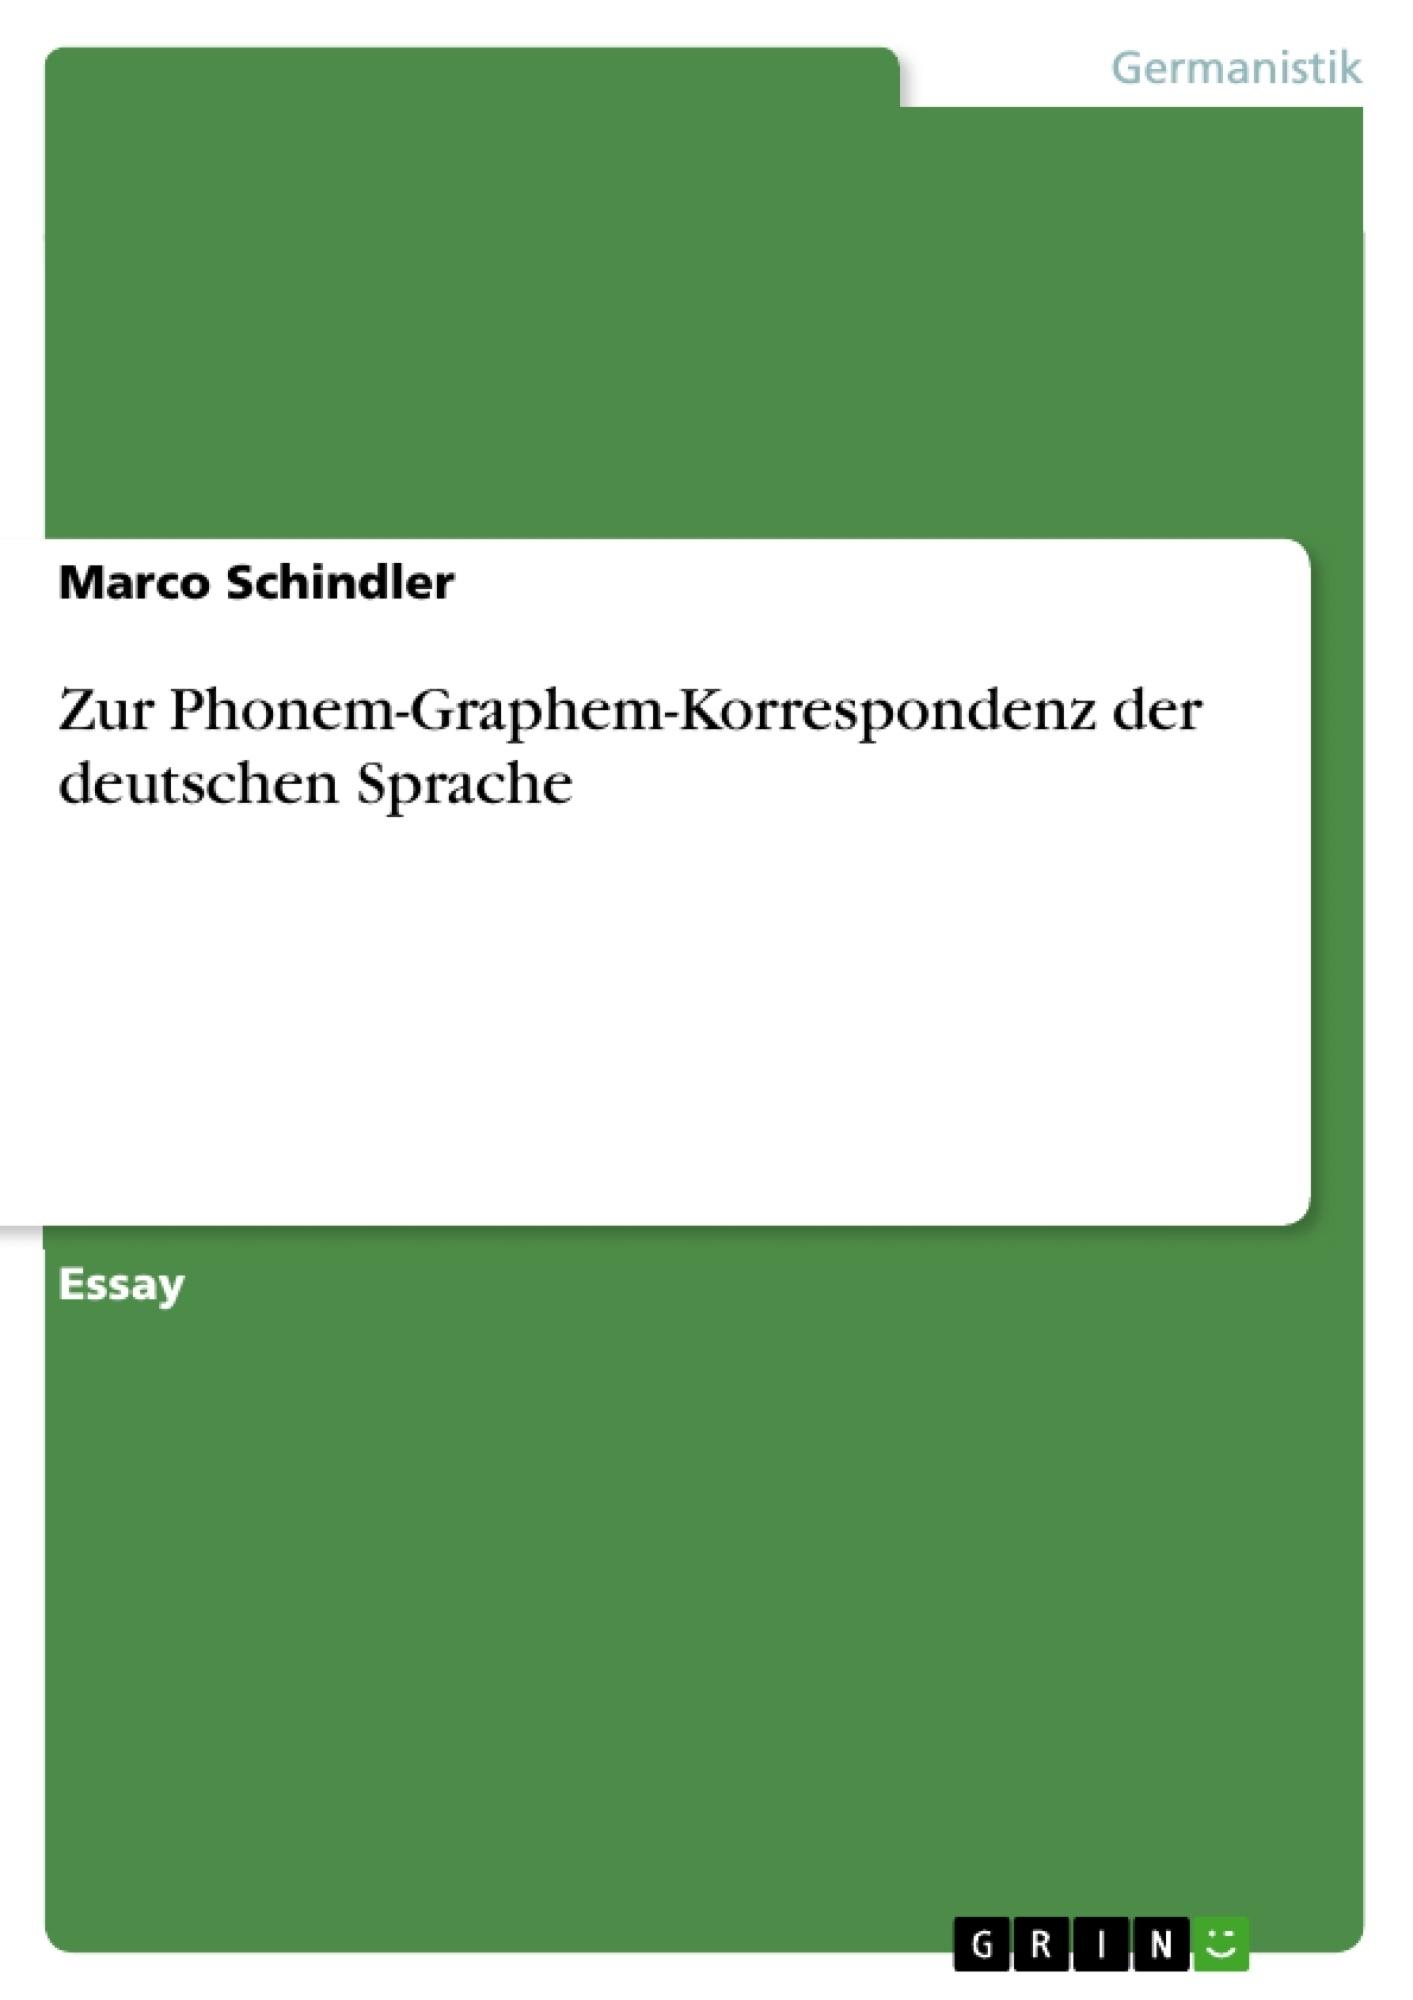 Titel: Zur Phonem-Graphem-Korrespondenz der deutschen Sprache